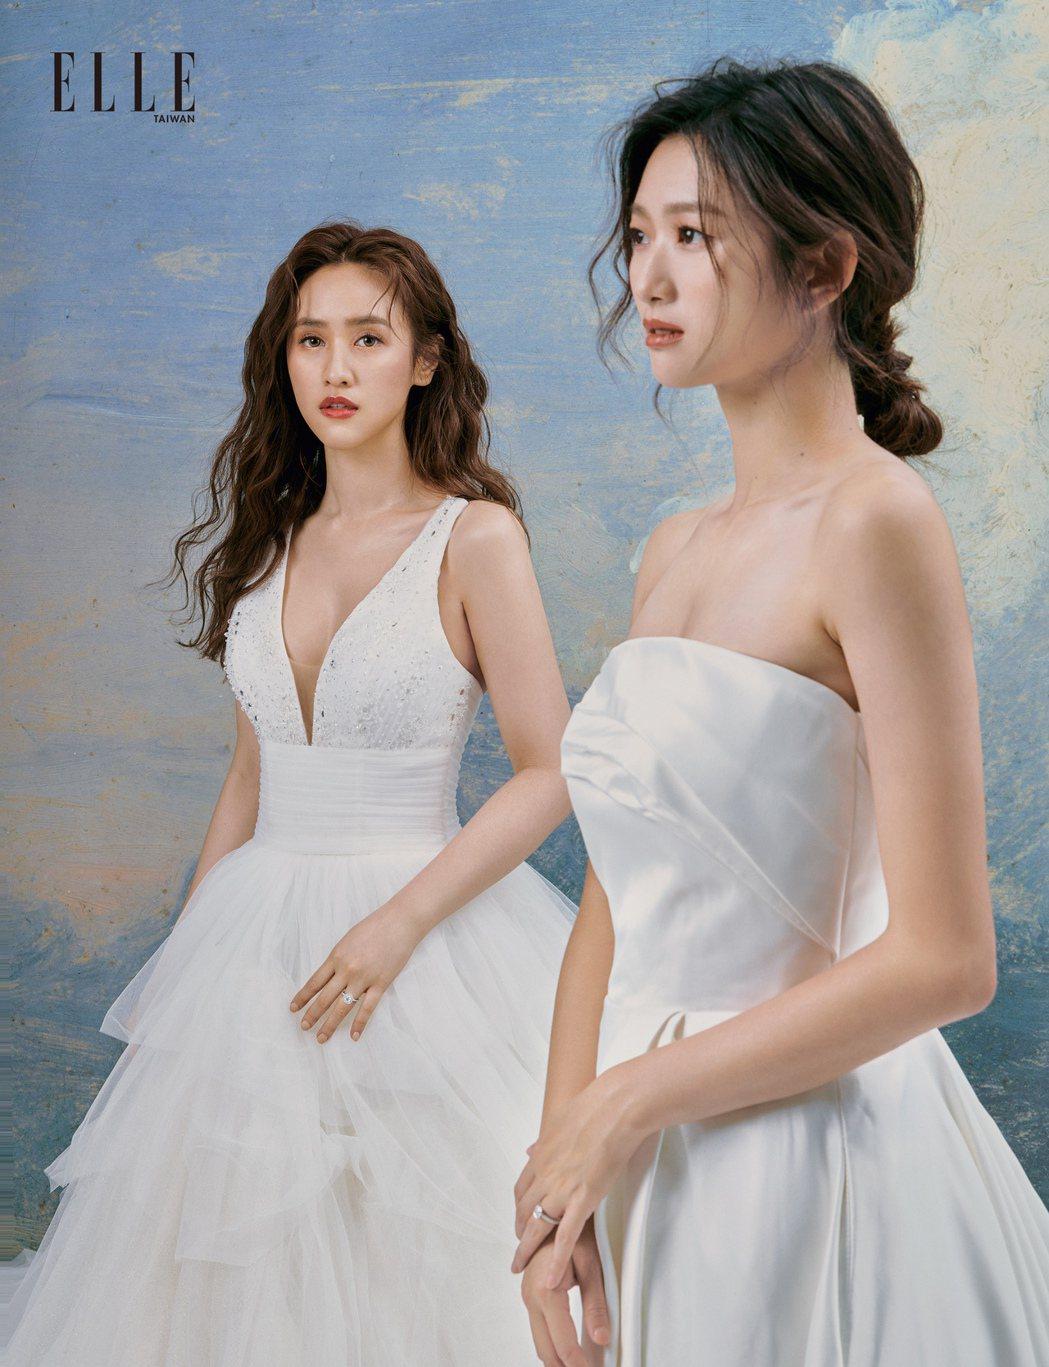 吳姍儒(左)、晏柔中年齡相近最先相熟。圖/《ELLE》國際中文版雜誌提供